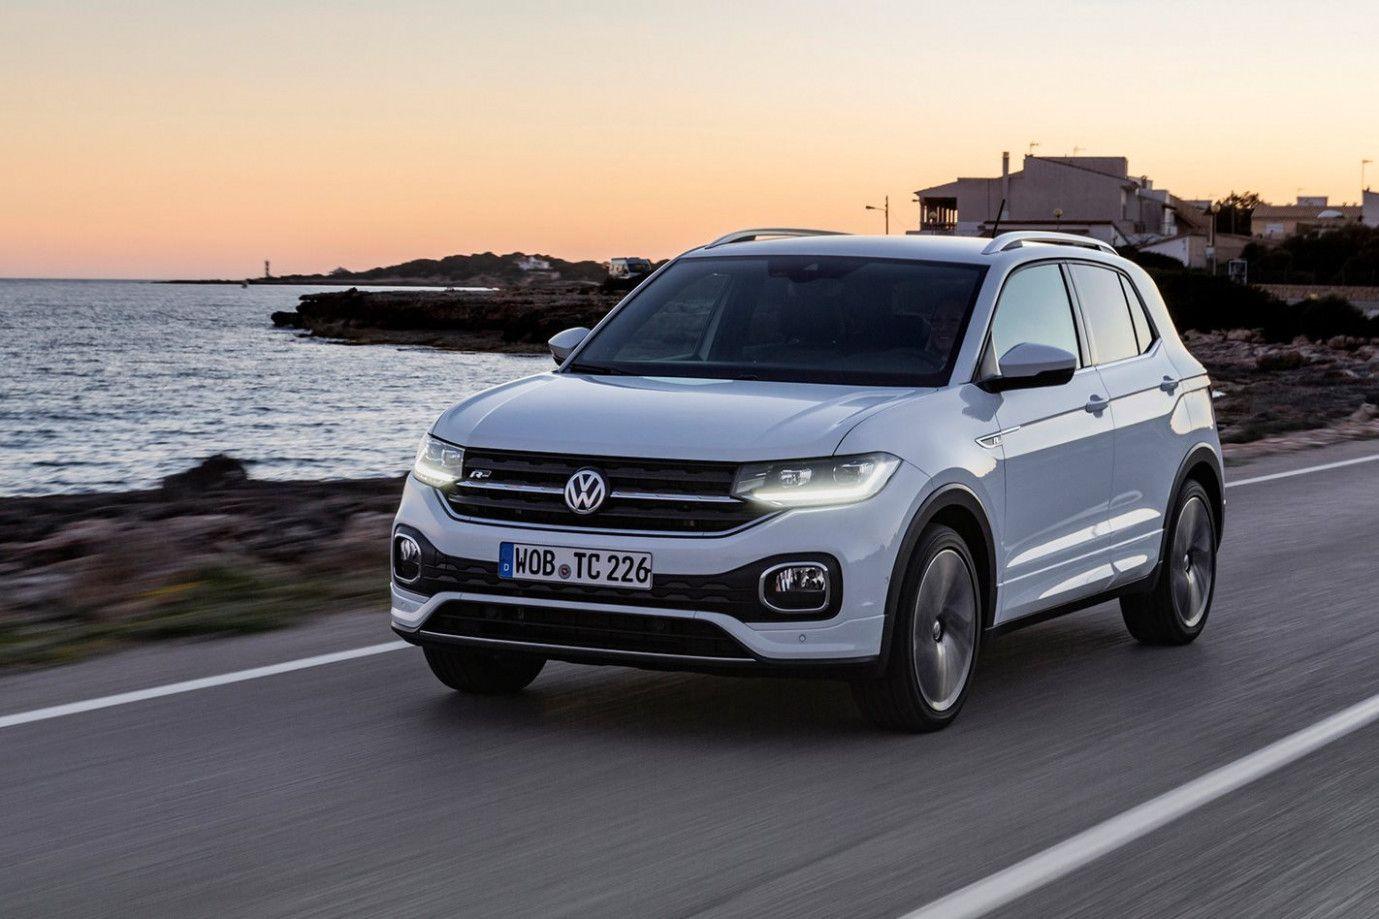 2020 Volkswagen Cross Evaluate In 2020 Volkswagen Car Repair Service Vehicles